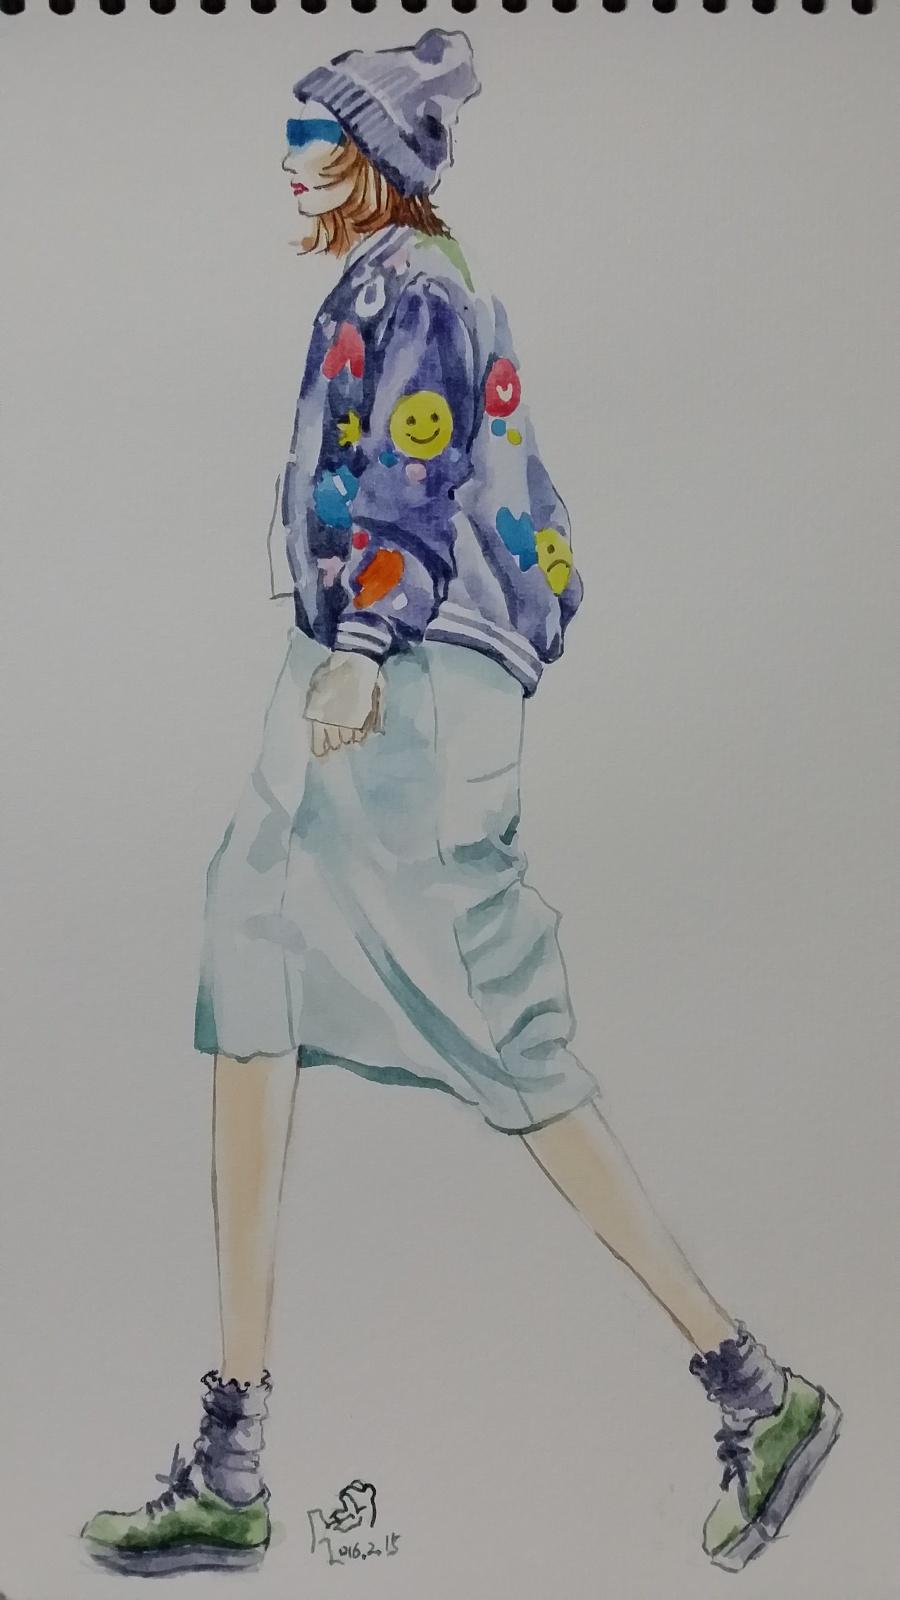 街拍手绘|休闲/流行服饰|服装|箐蛙 - 原创设计作品